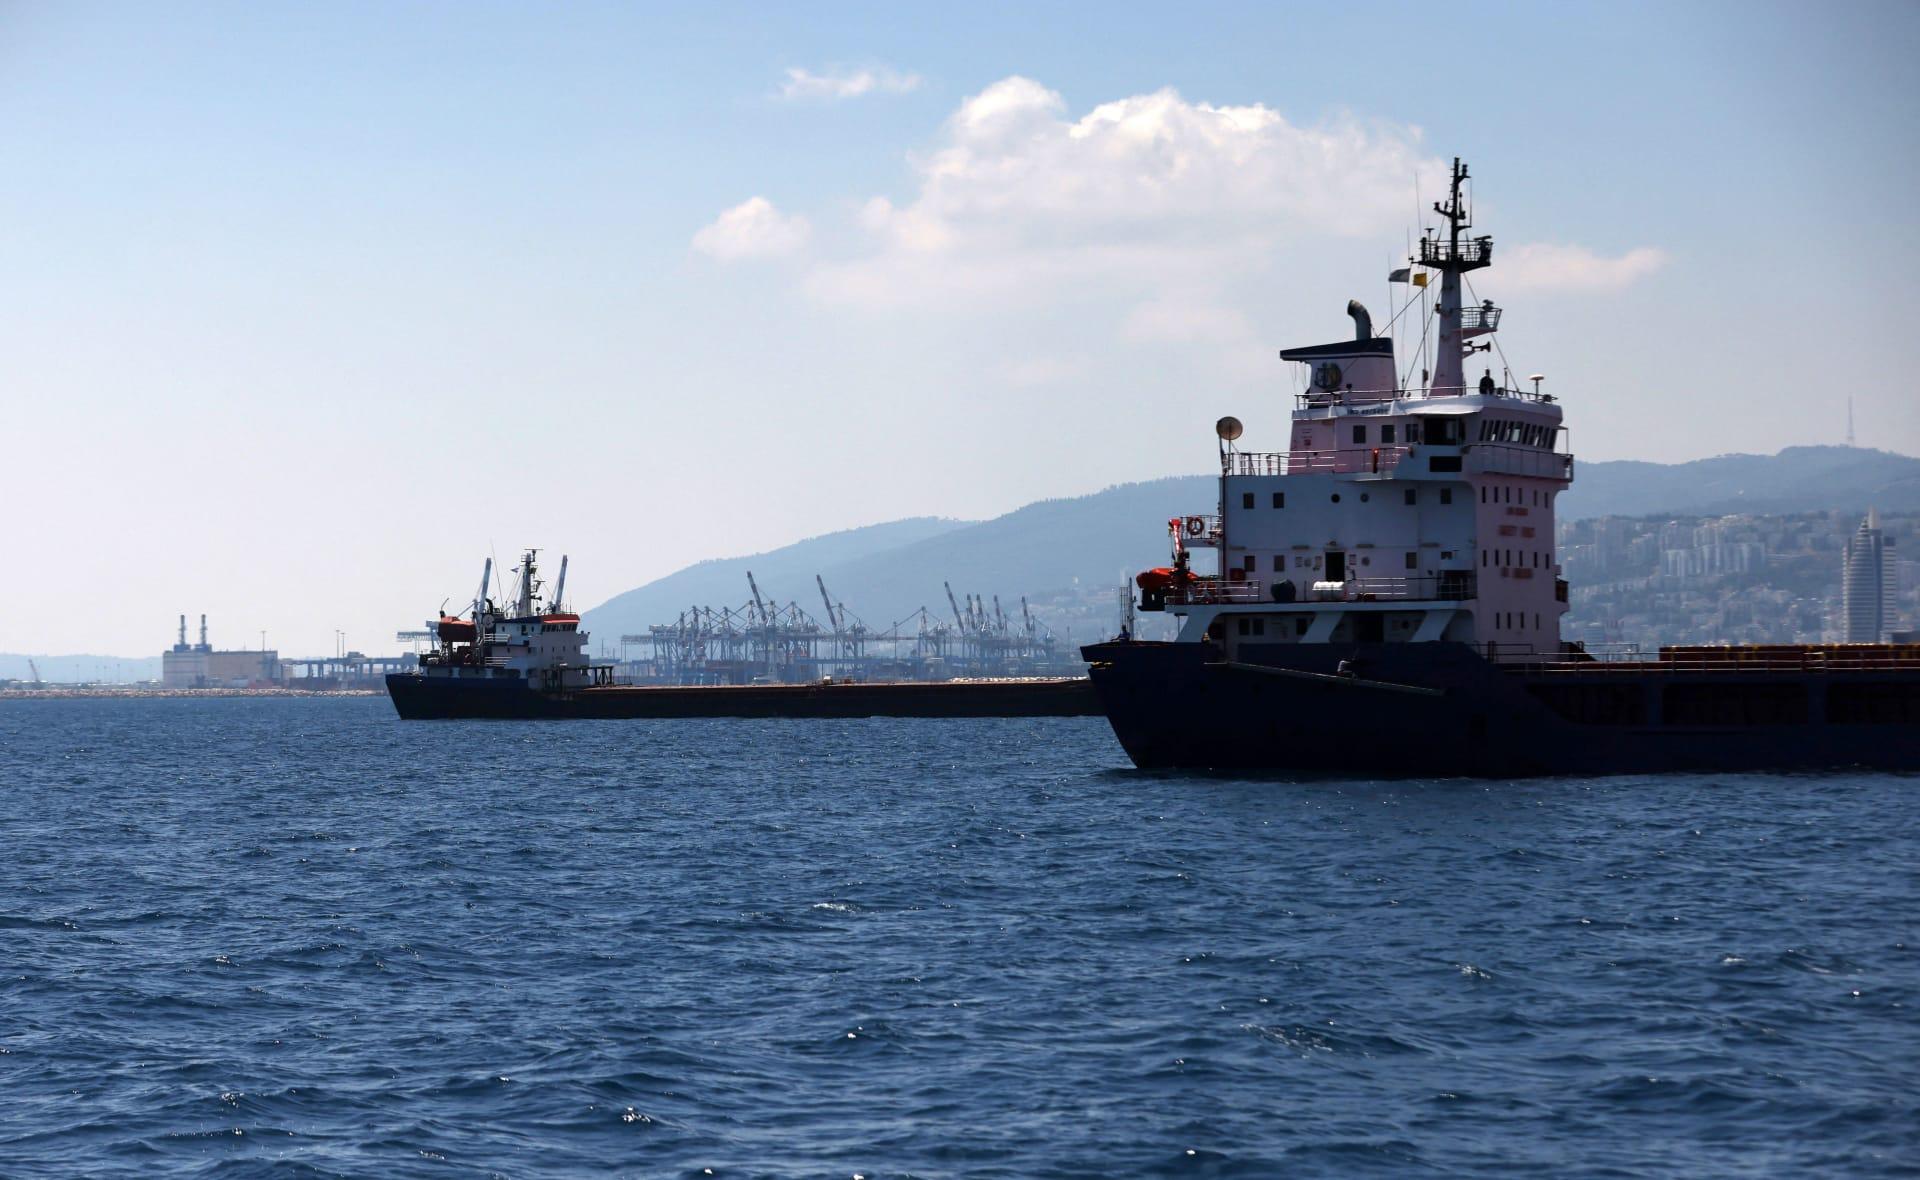 سفن شحن ترسو في رصيف طويل في ميناء مدينة حيفا شمال إسرائيل، 24 يونيو 2021